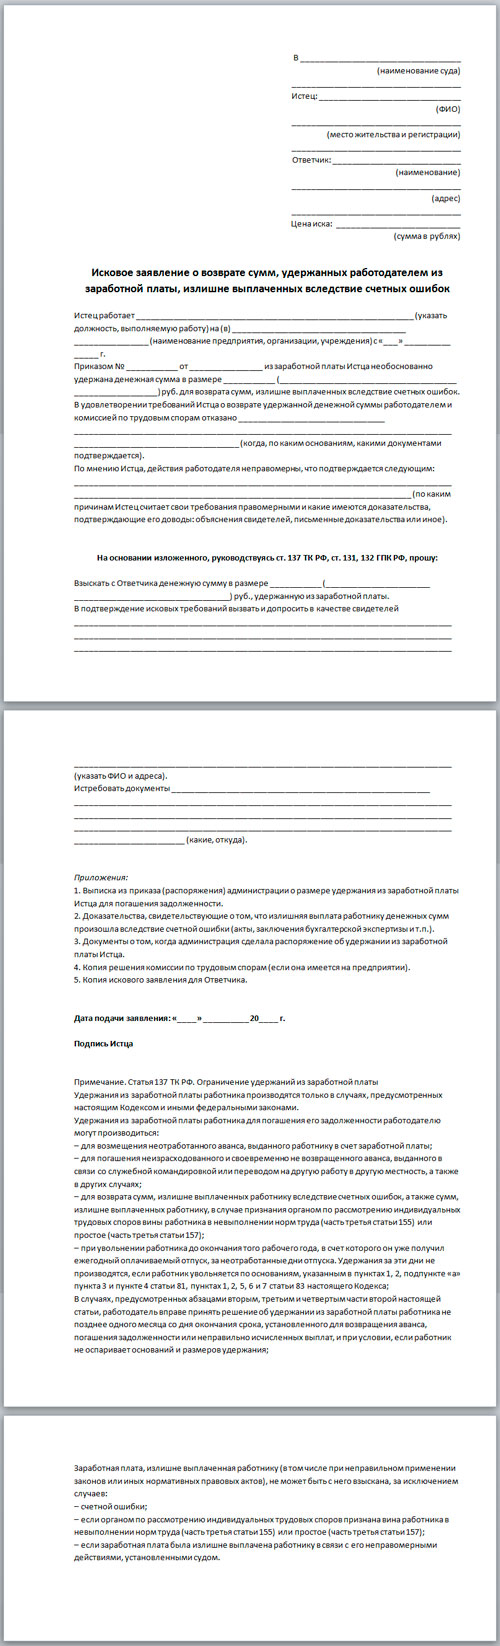 Заявление о возврате страховых взносов в связи с реорганизацией - d861